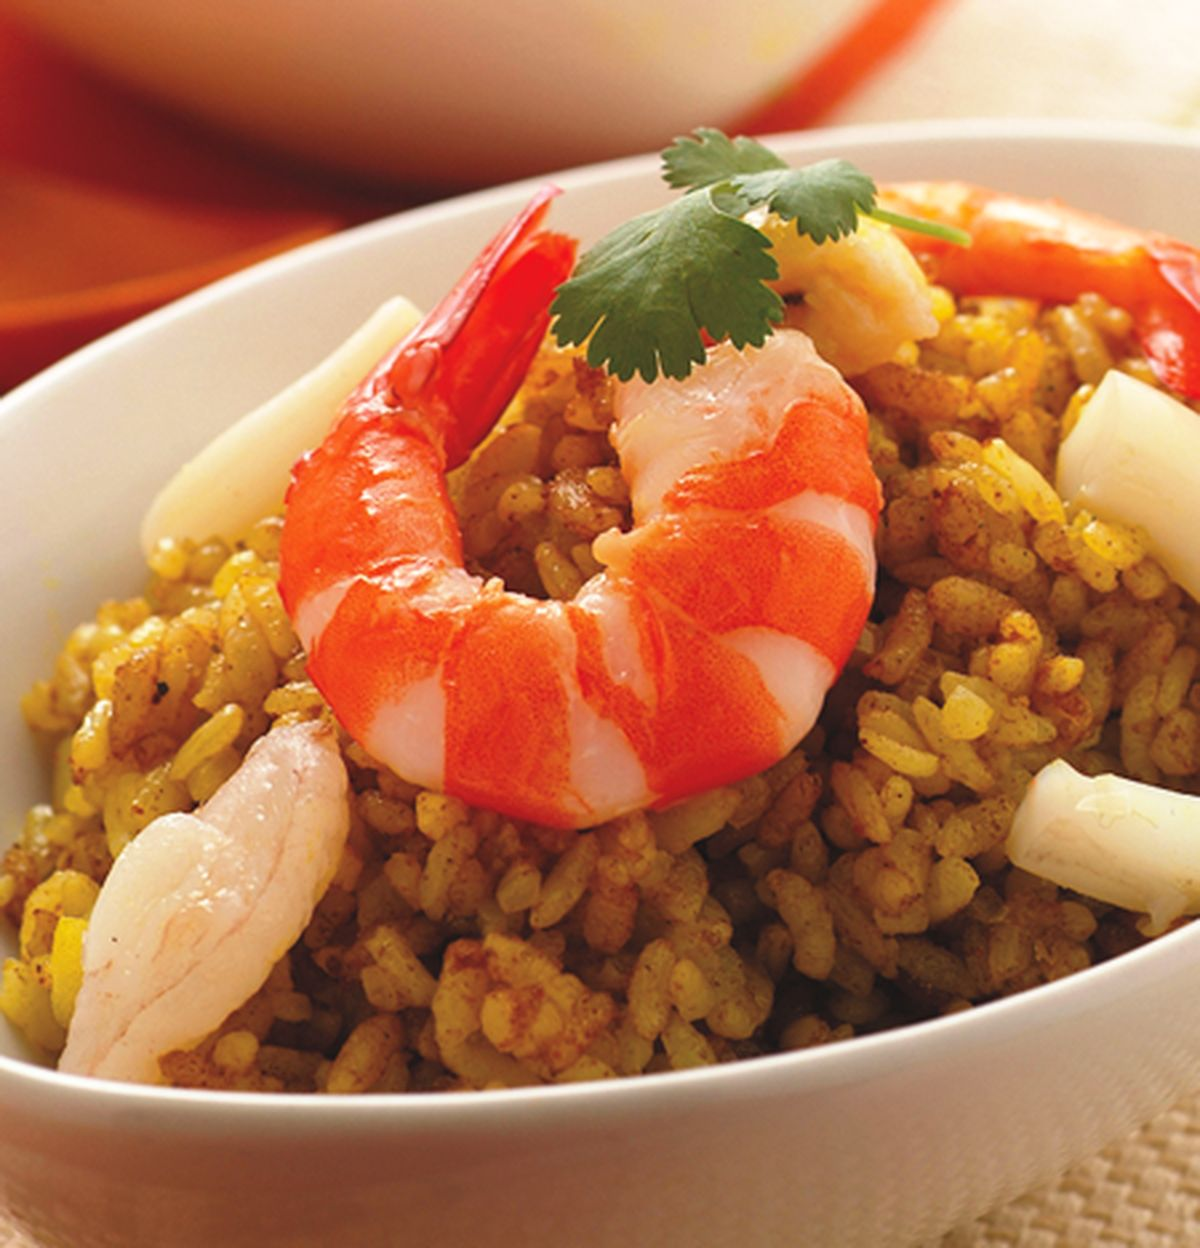 食譜:泰式海鮮炒飯